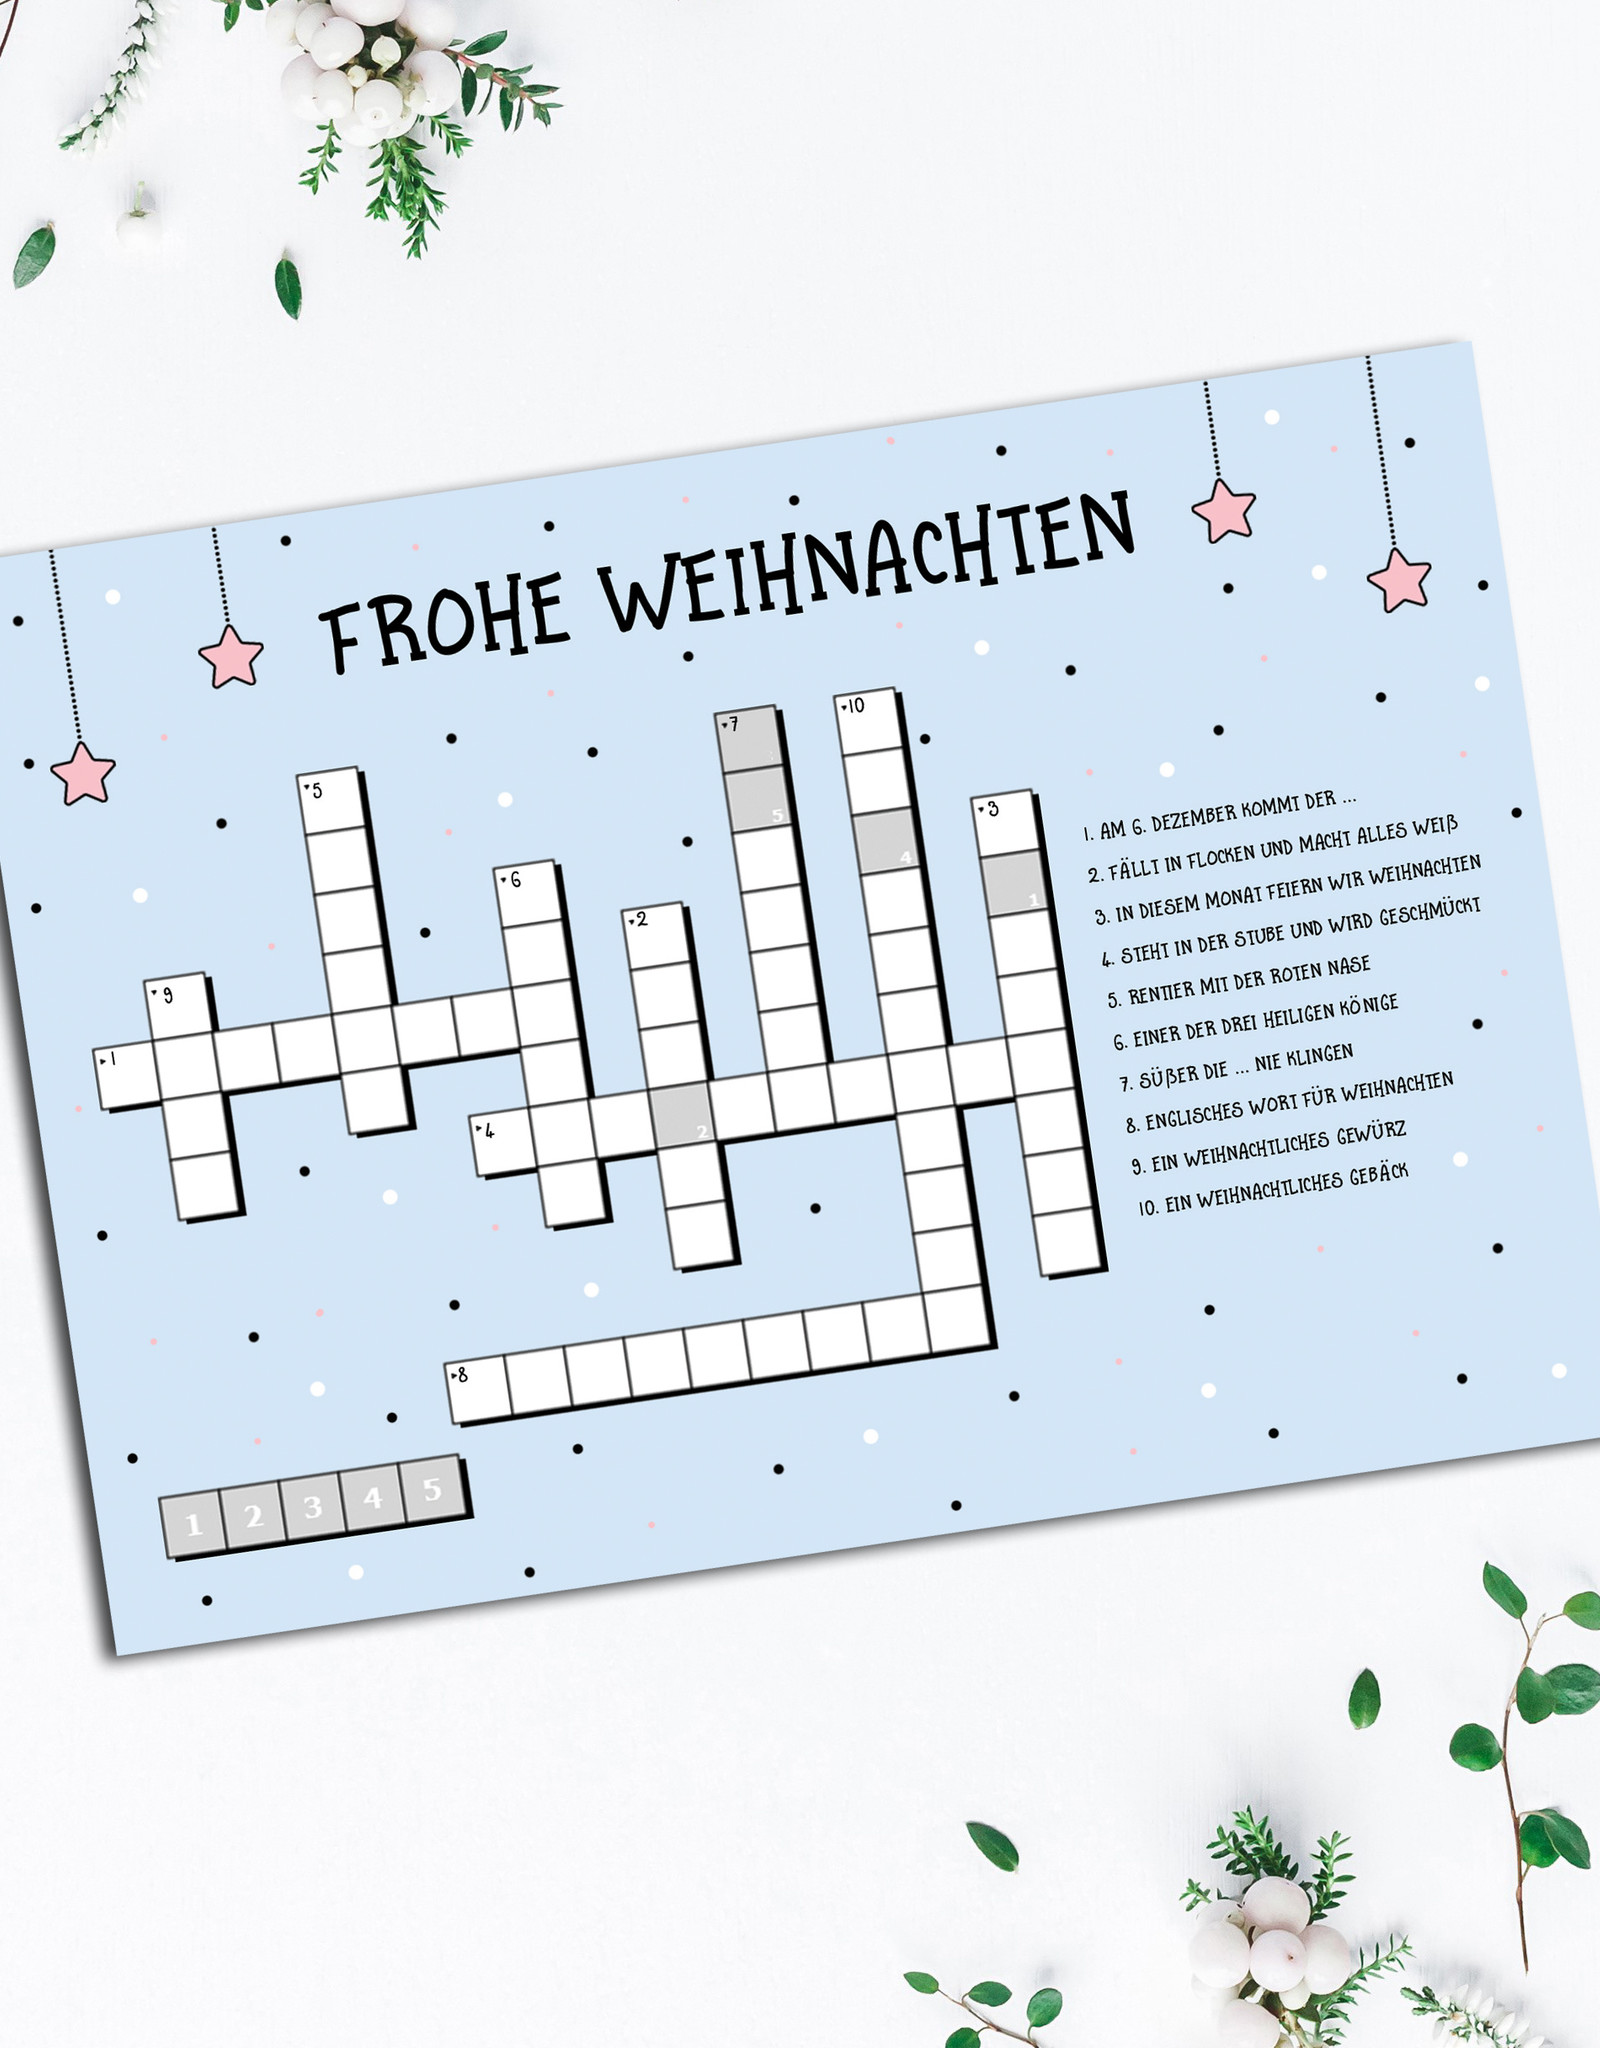 Weihnachtskarte KREUZWORTRÄTSEL Postkarte Weihnachten Grußkarte Weihnachtskarten lustig